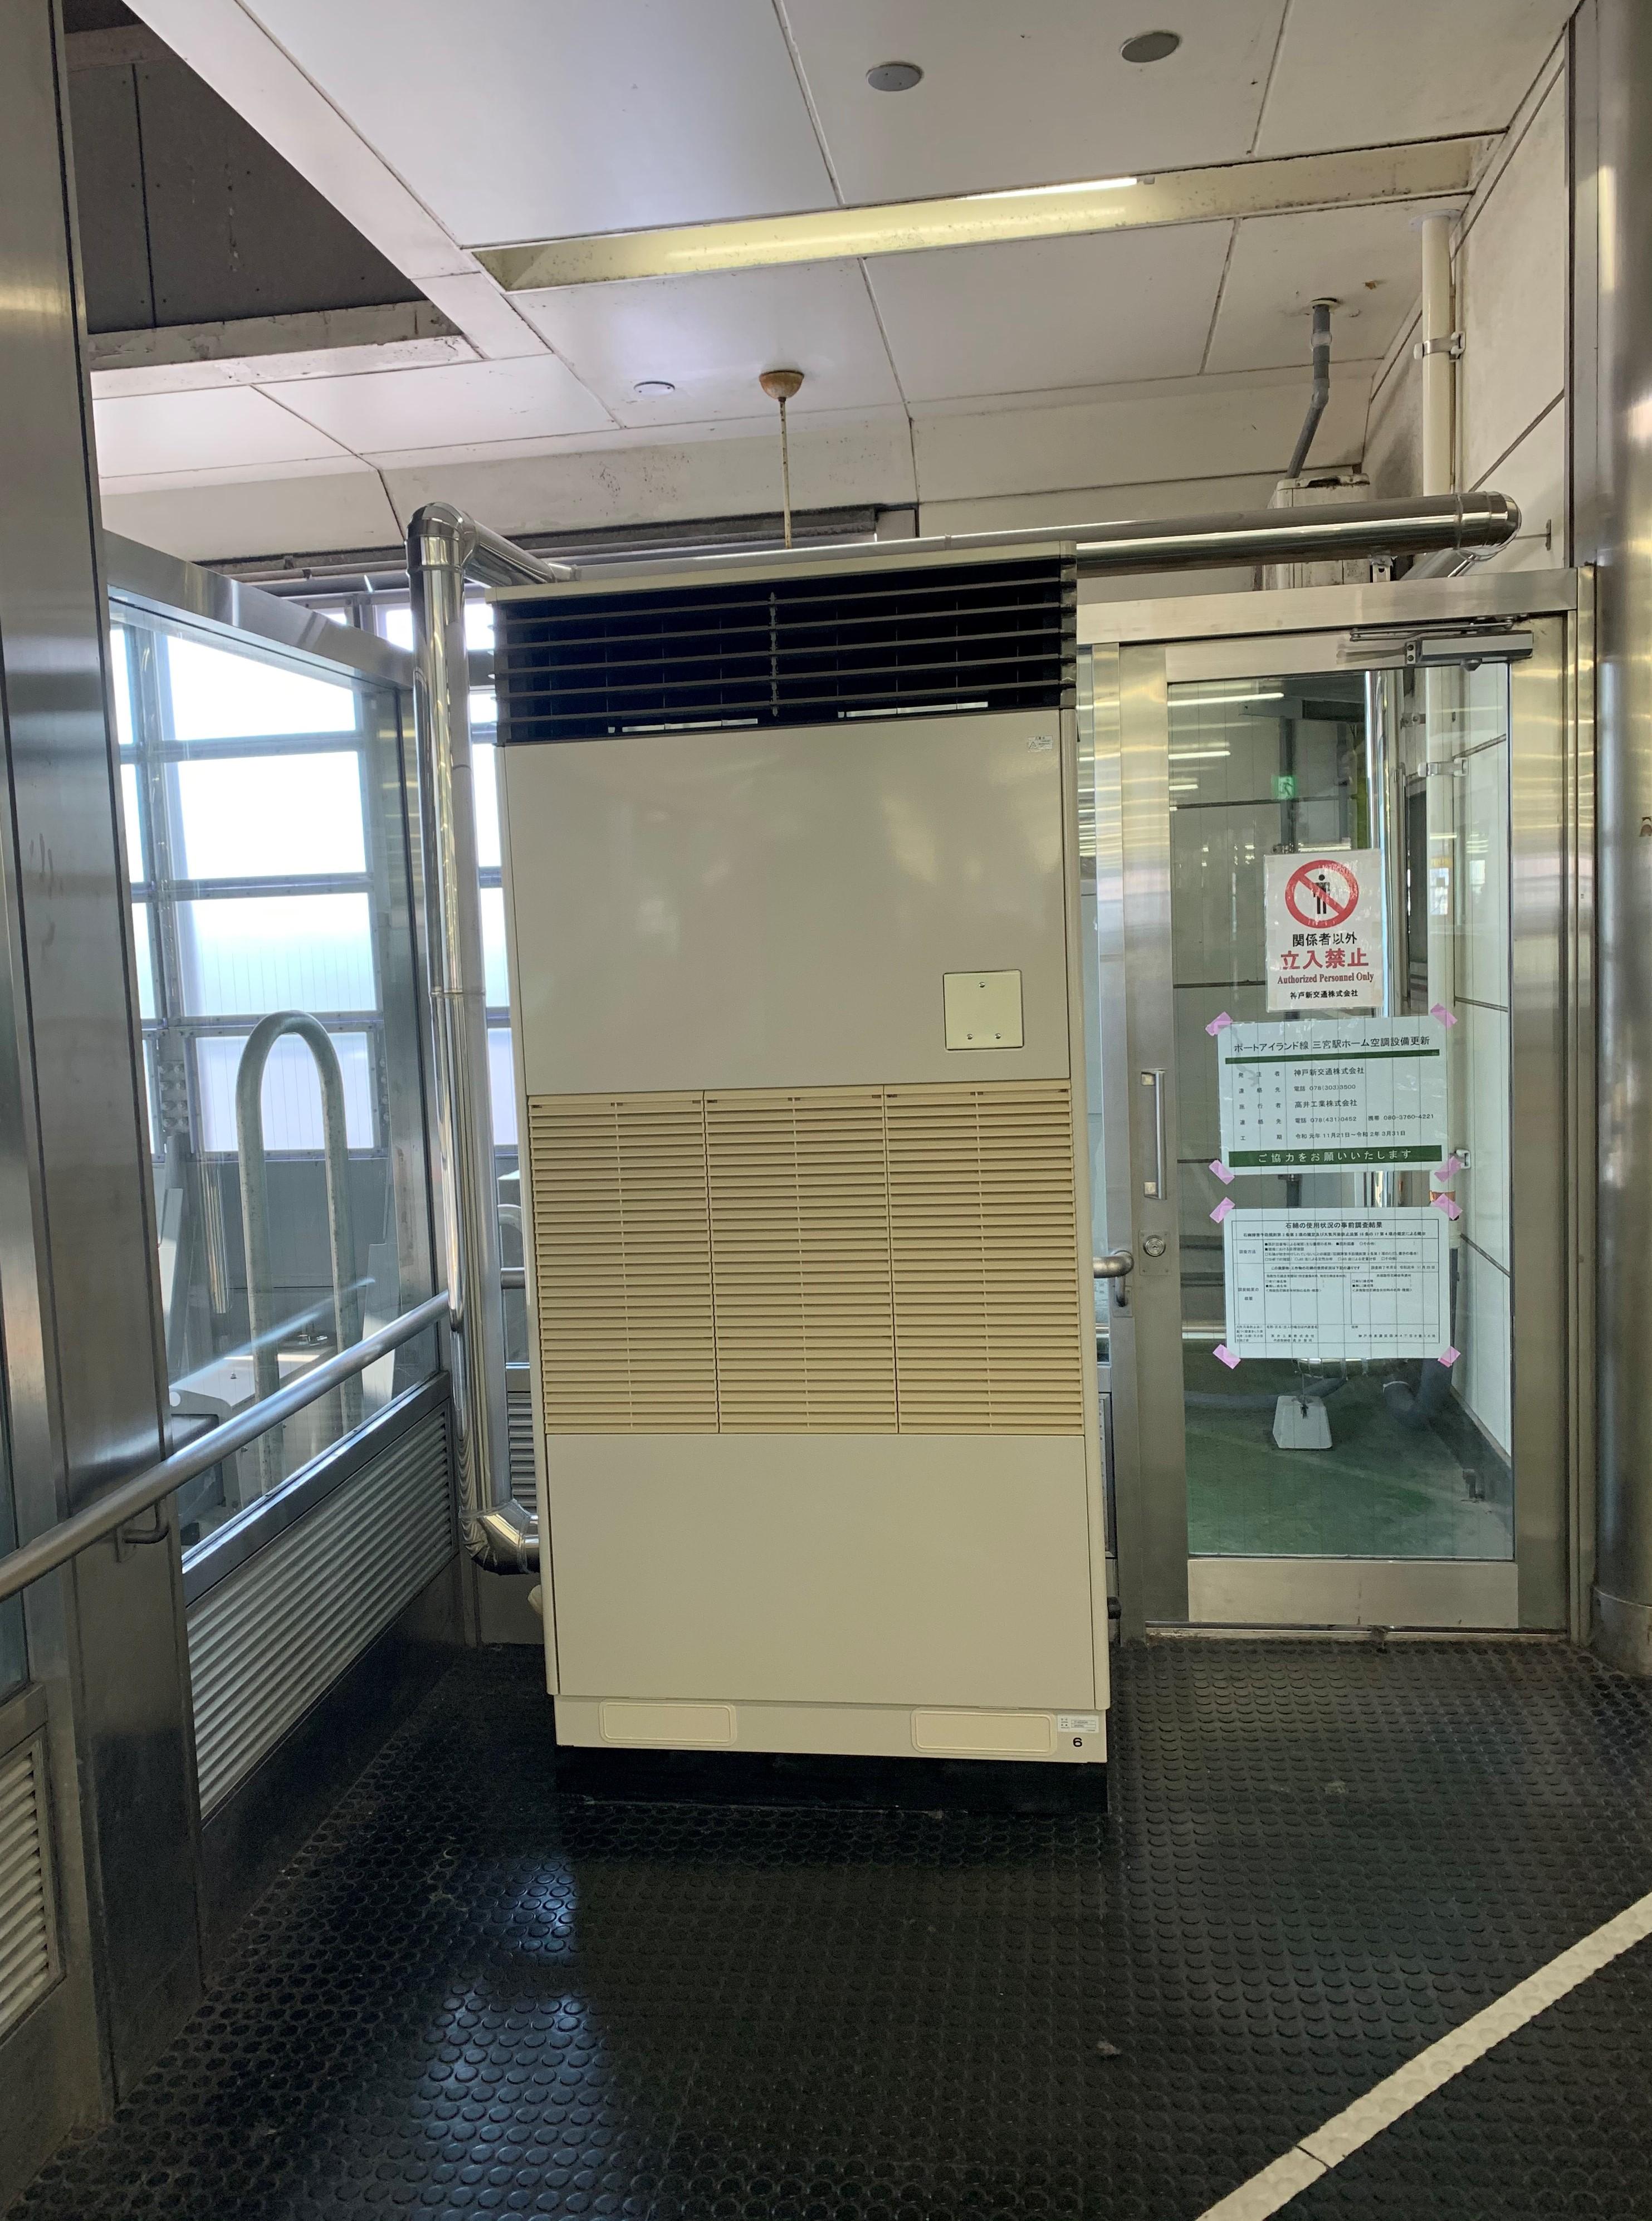 神戸市営地下鉄某駅構内空調機新設